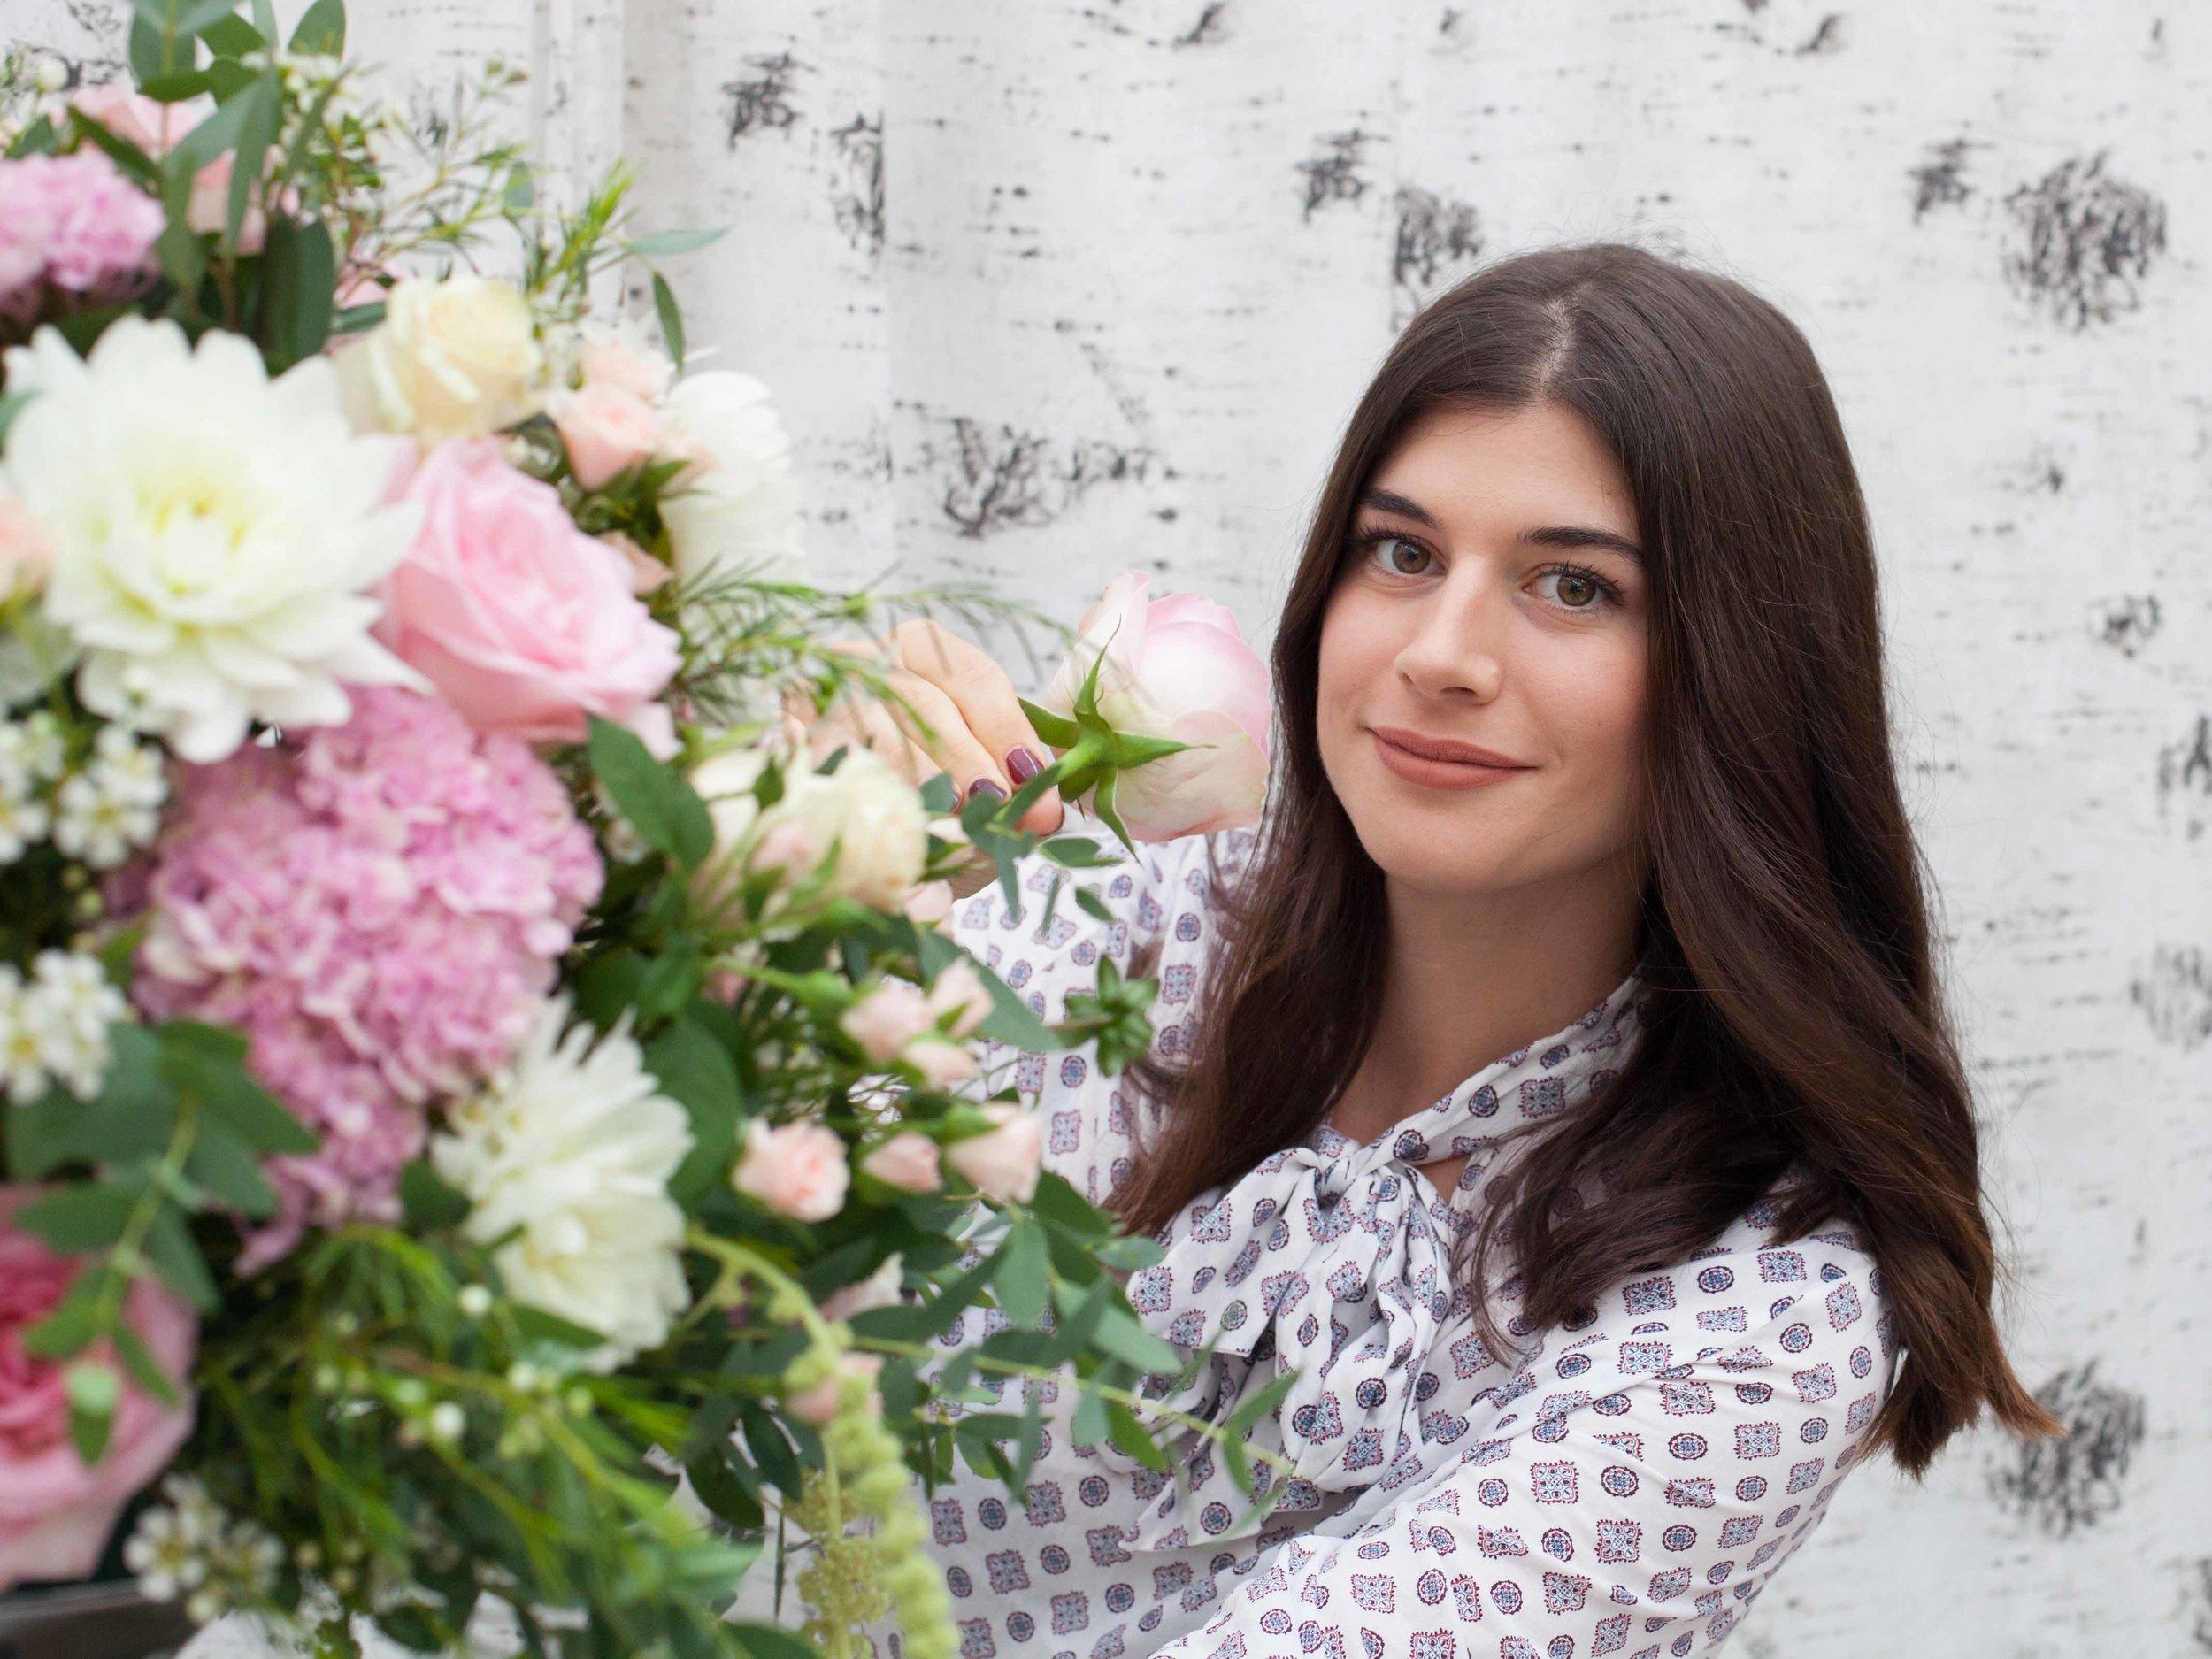 LisaDiner_Hochzeitsblumen_Eventfloristik_Wien_Österreich.jpg